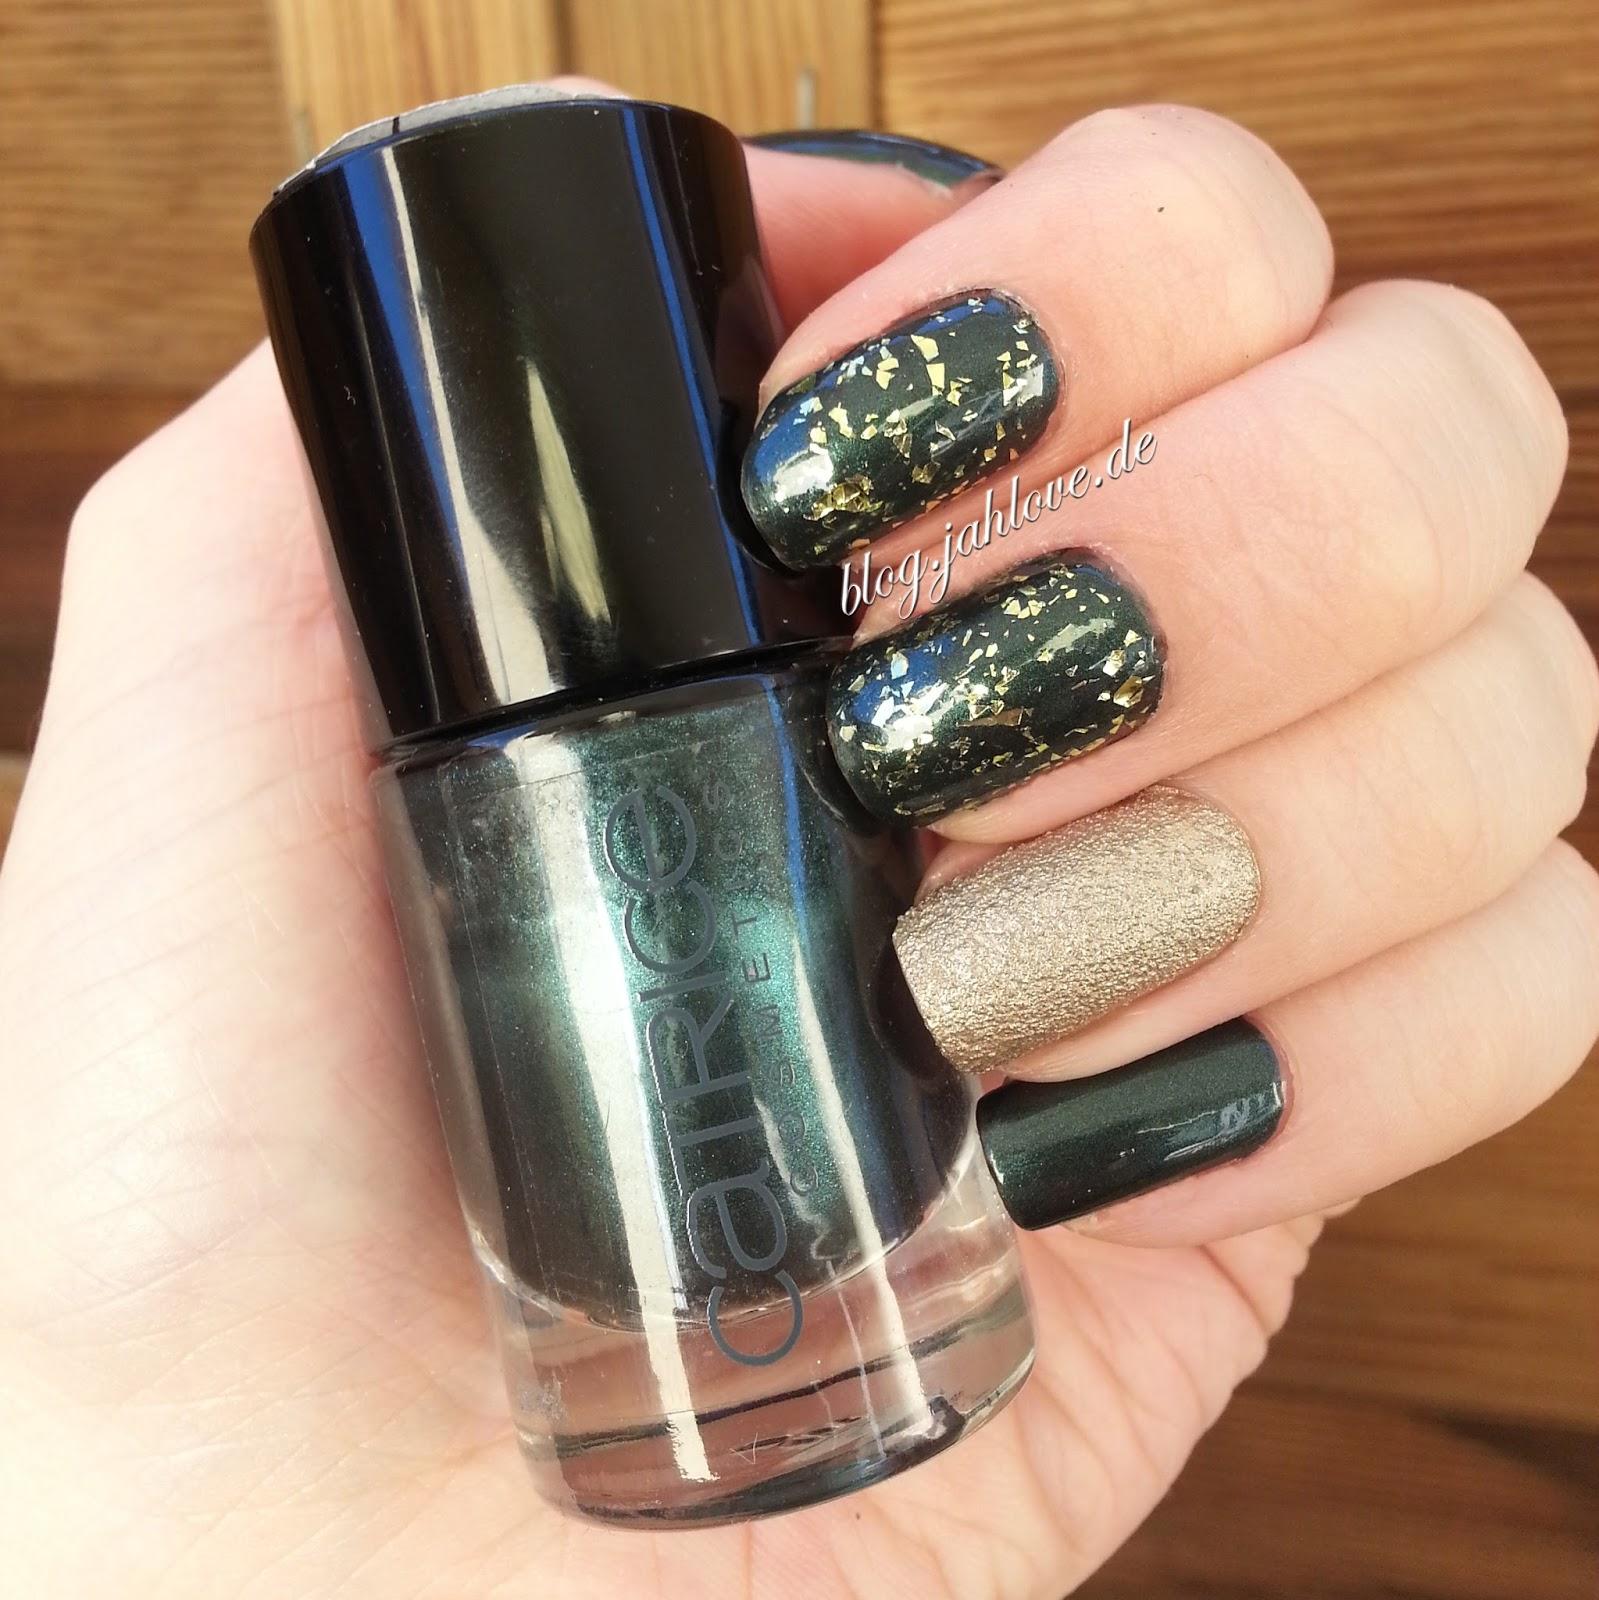 blog.jahlove.de ::.: [Nails] Einfache, festliche Glitzer-Nägel mit ...